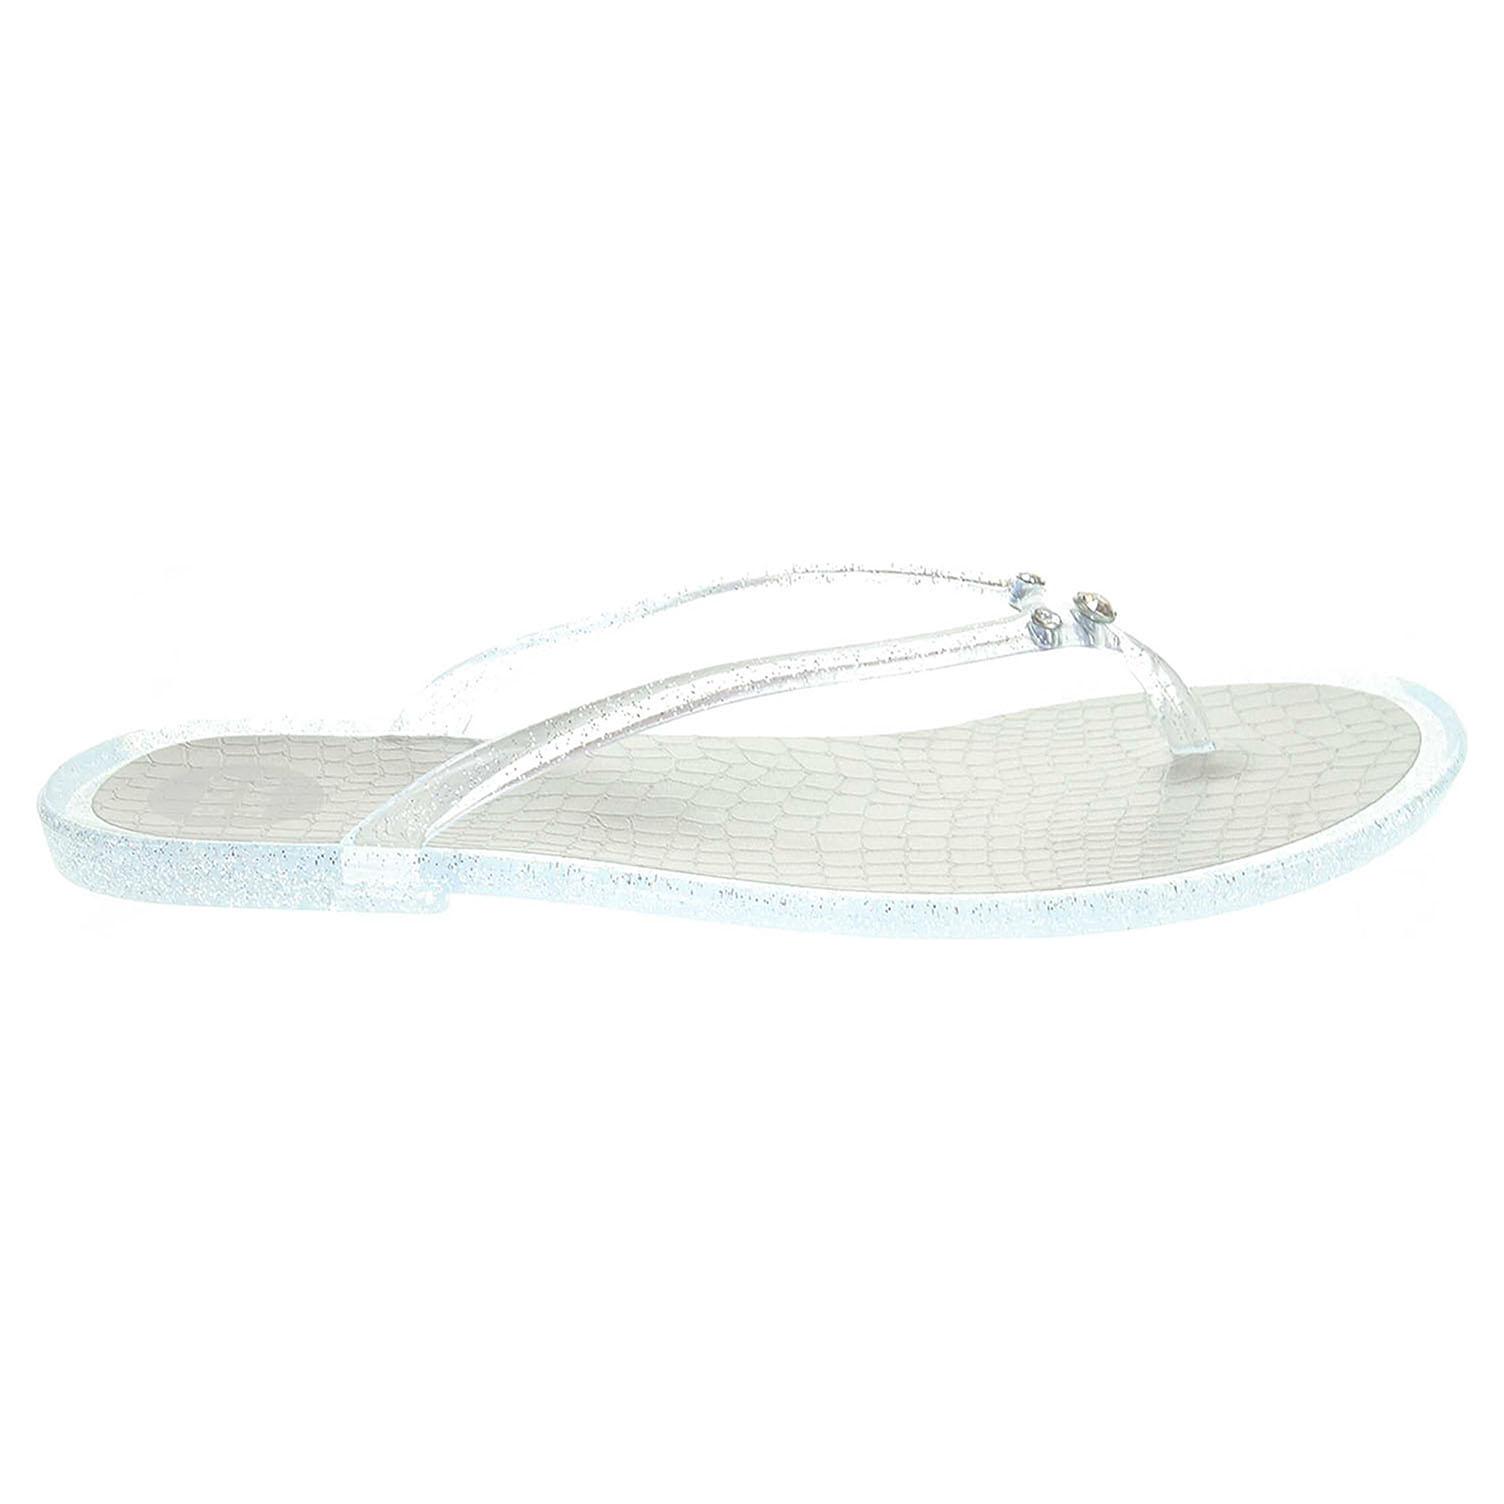 Gioseppo Rafaleta dámské plážové pantofle fialové 41